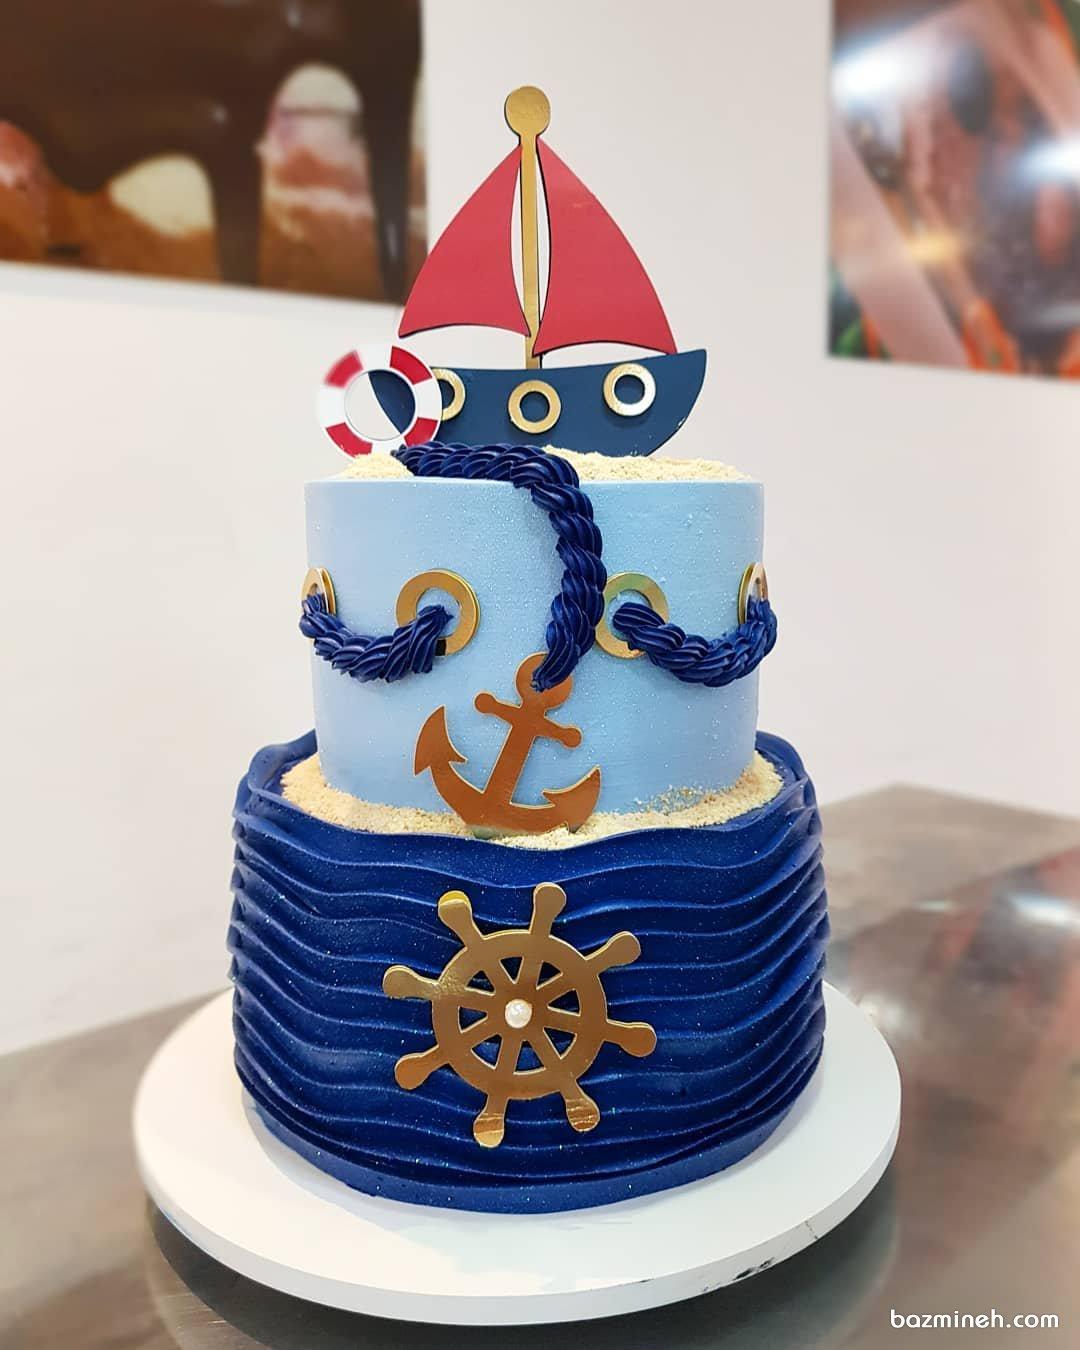 کیک دو طبقه فوندانت جشن تولد پسرونه با تم ملوان